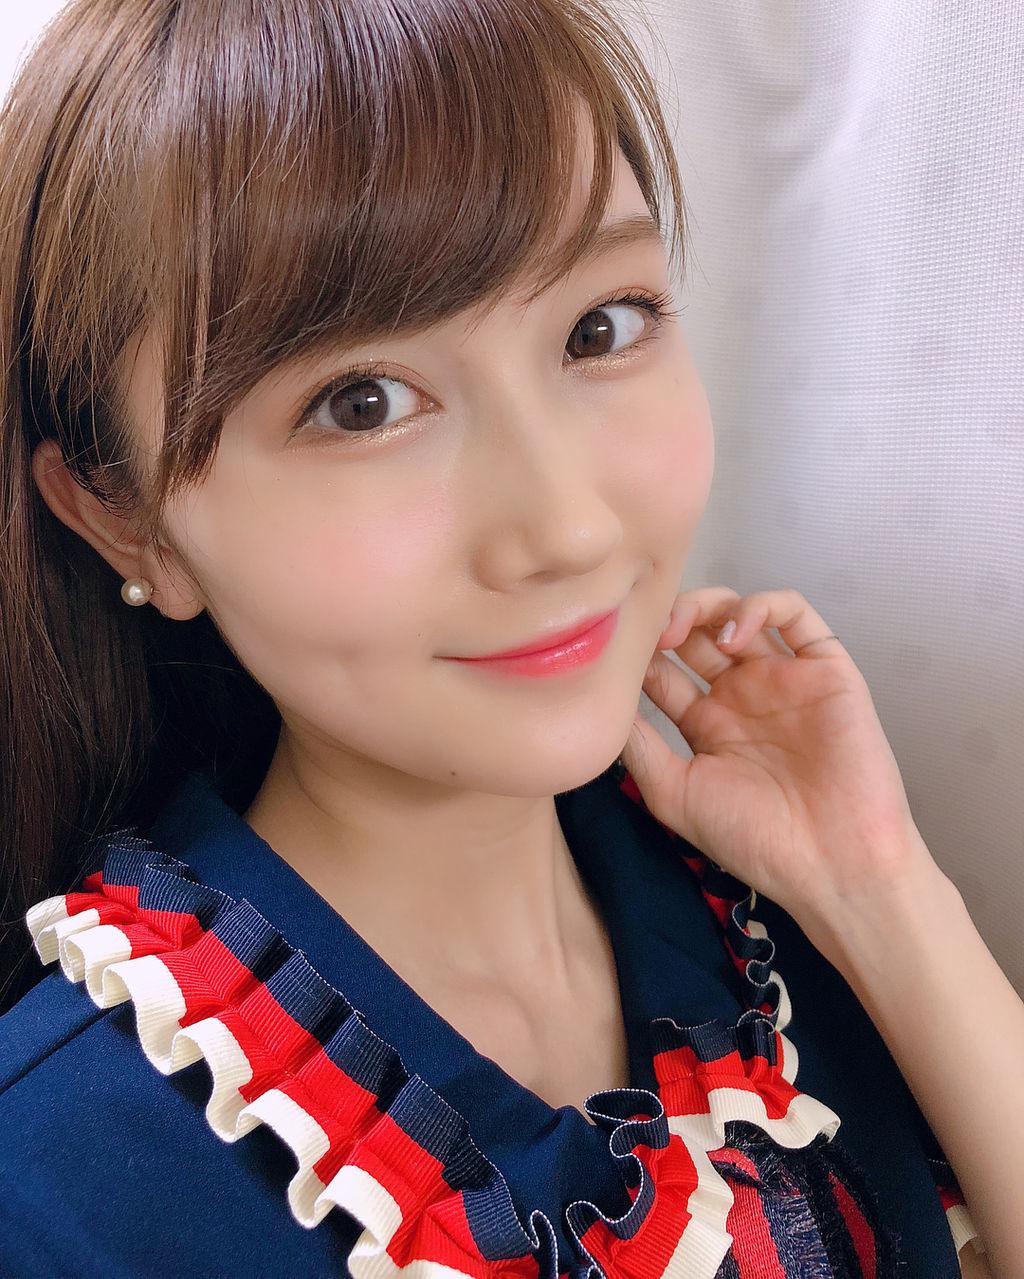 【NMB48】矢倉楓子魂の継承者あらわるwwwwwwwwwwww